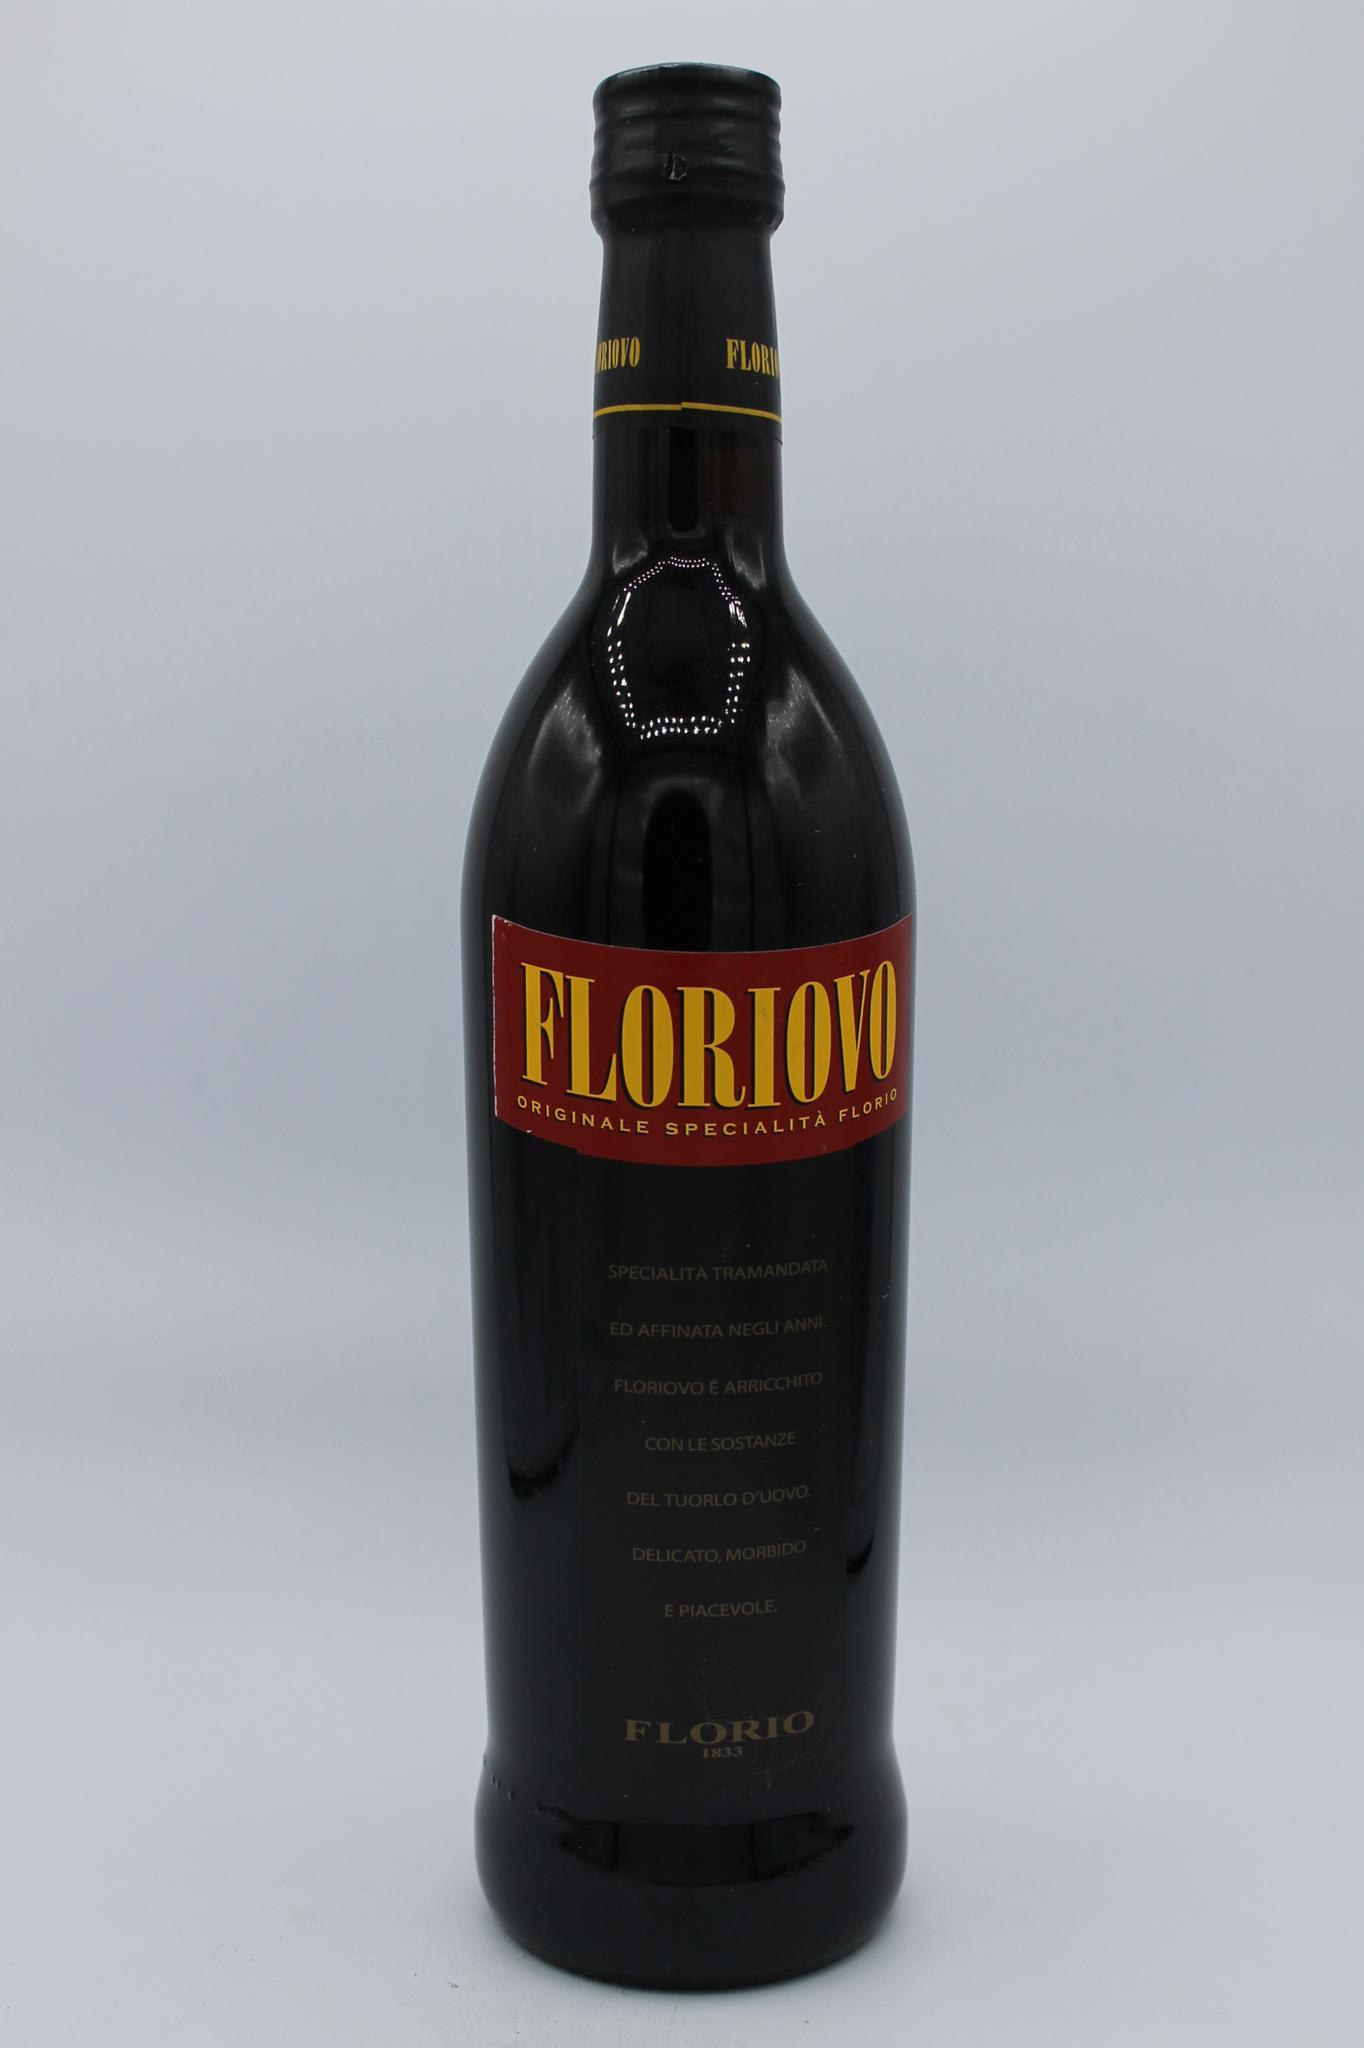 Floriovo liquore bottiglia 750ml.